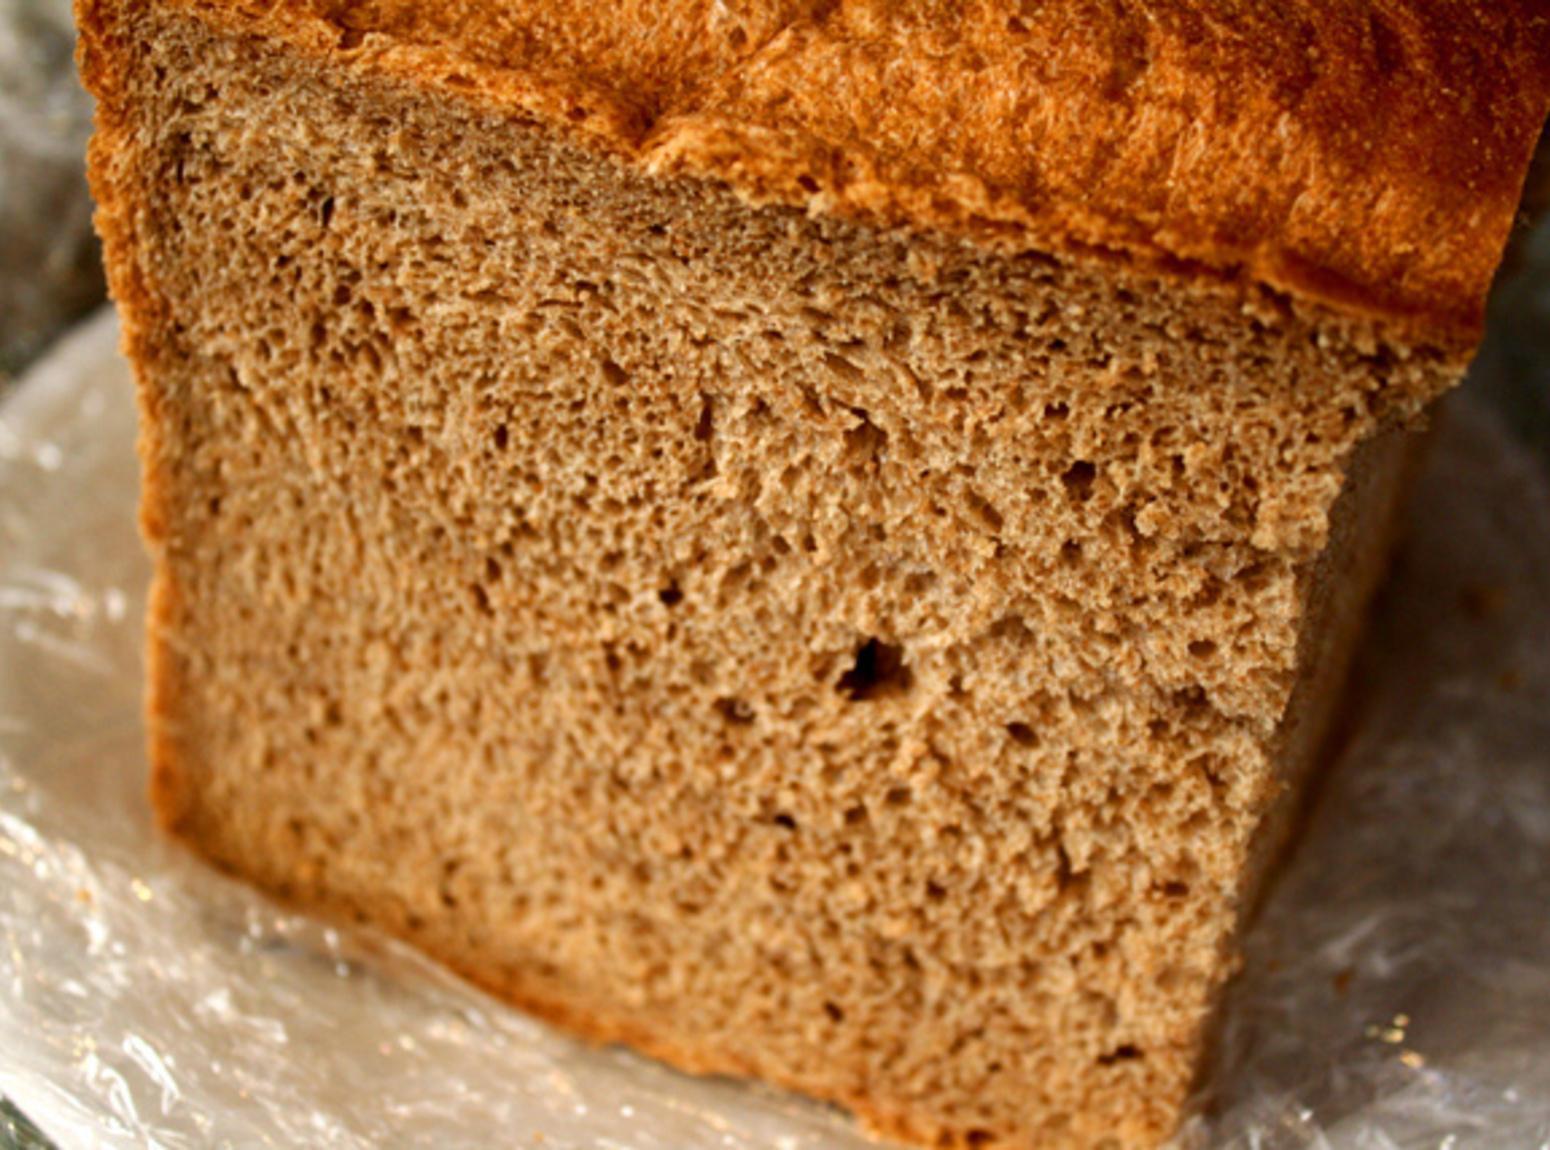 Bread Machine Whole Wheat Bread  100 Whole Wheat Bread in a Bread Machine Recipe